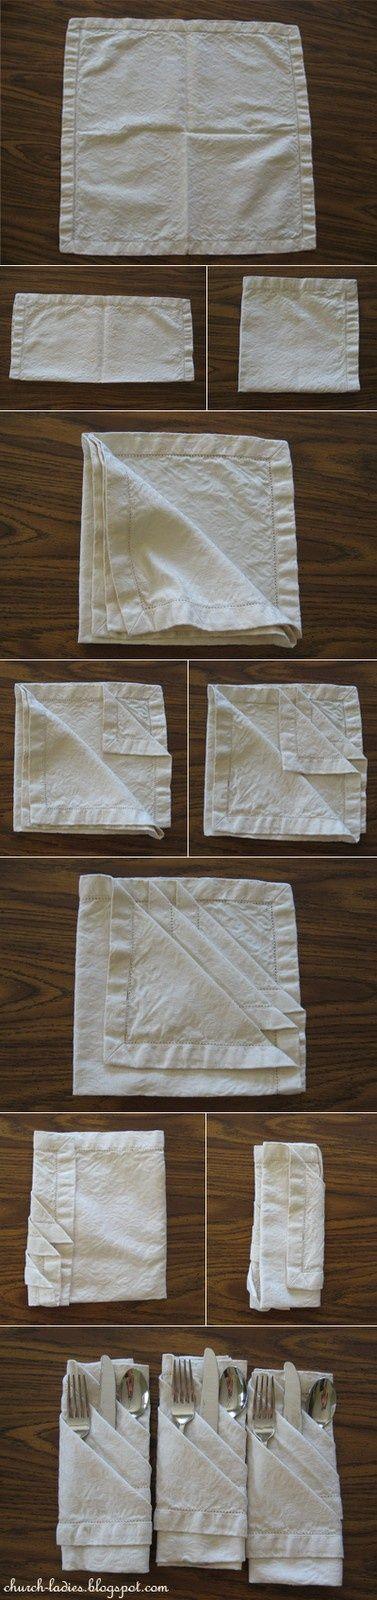 La Chica del Maletín: Cómo doblar las servilletas